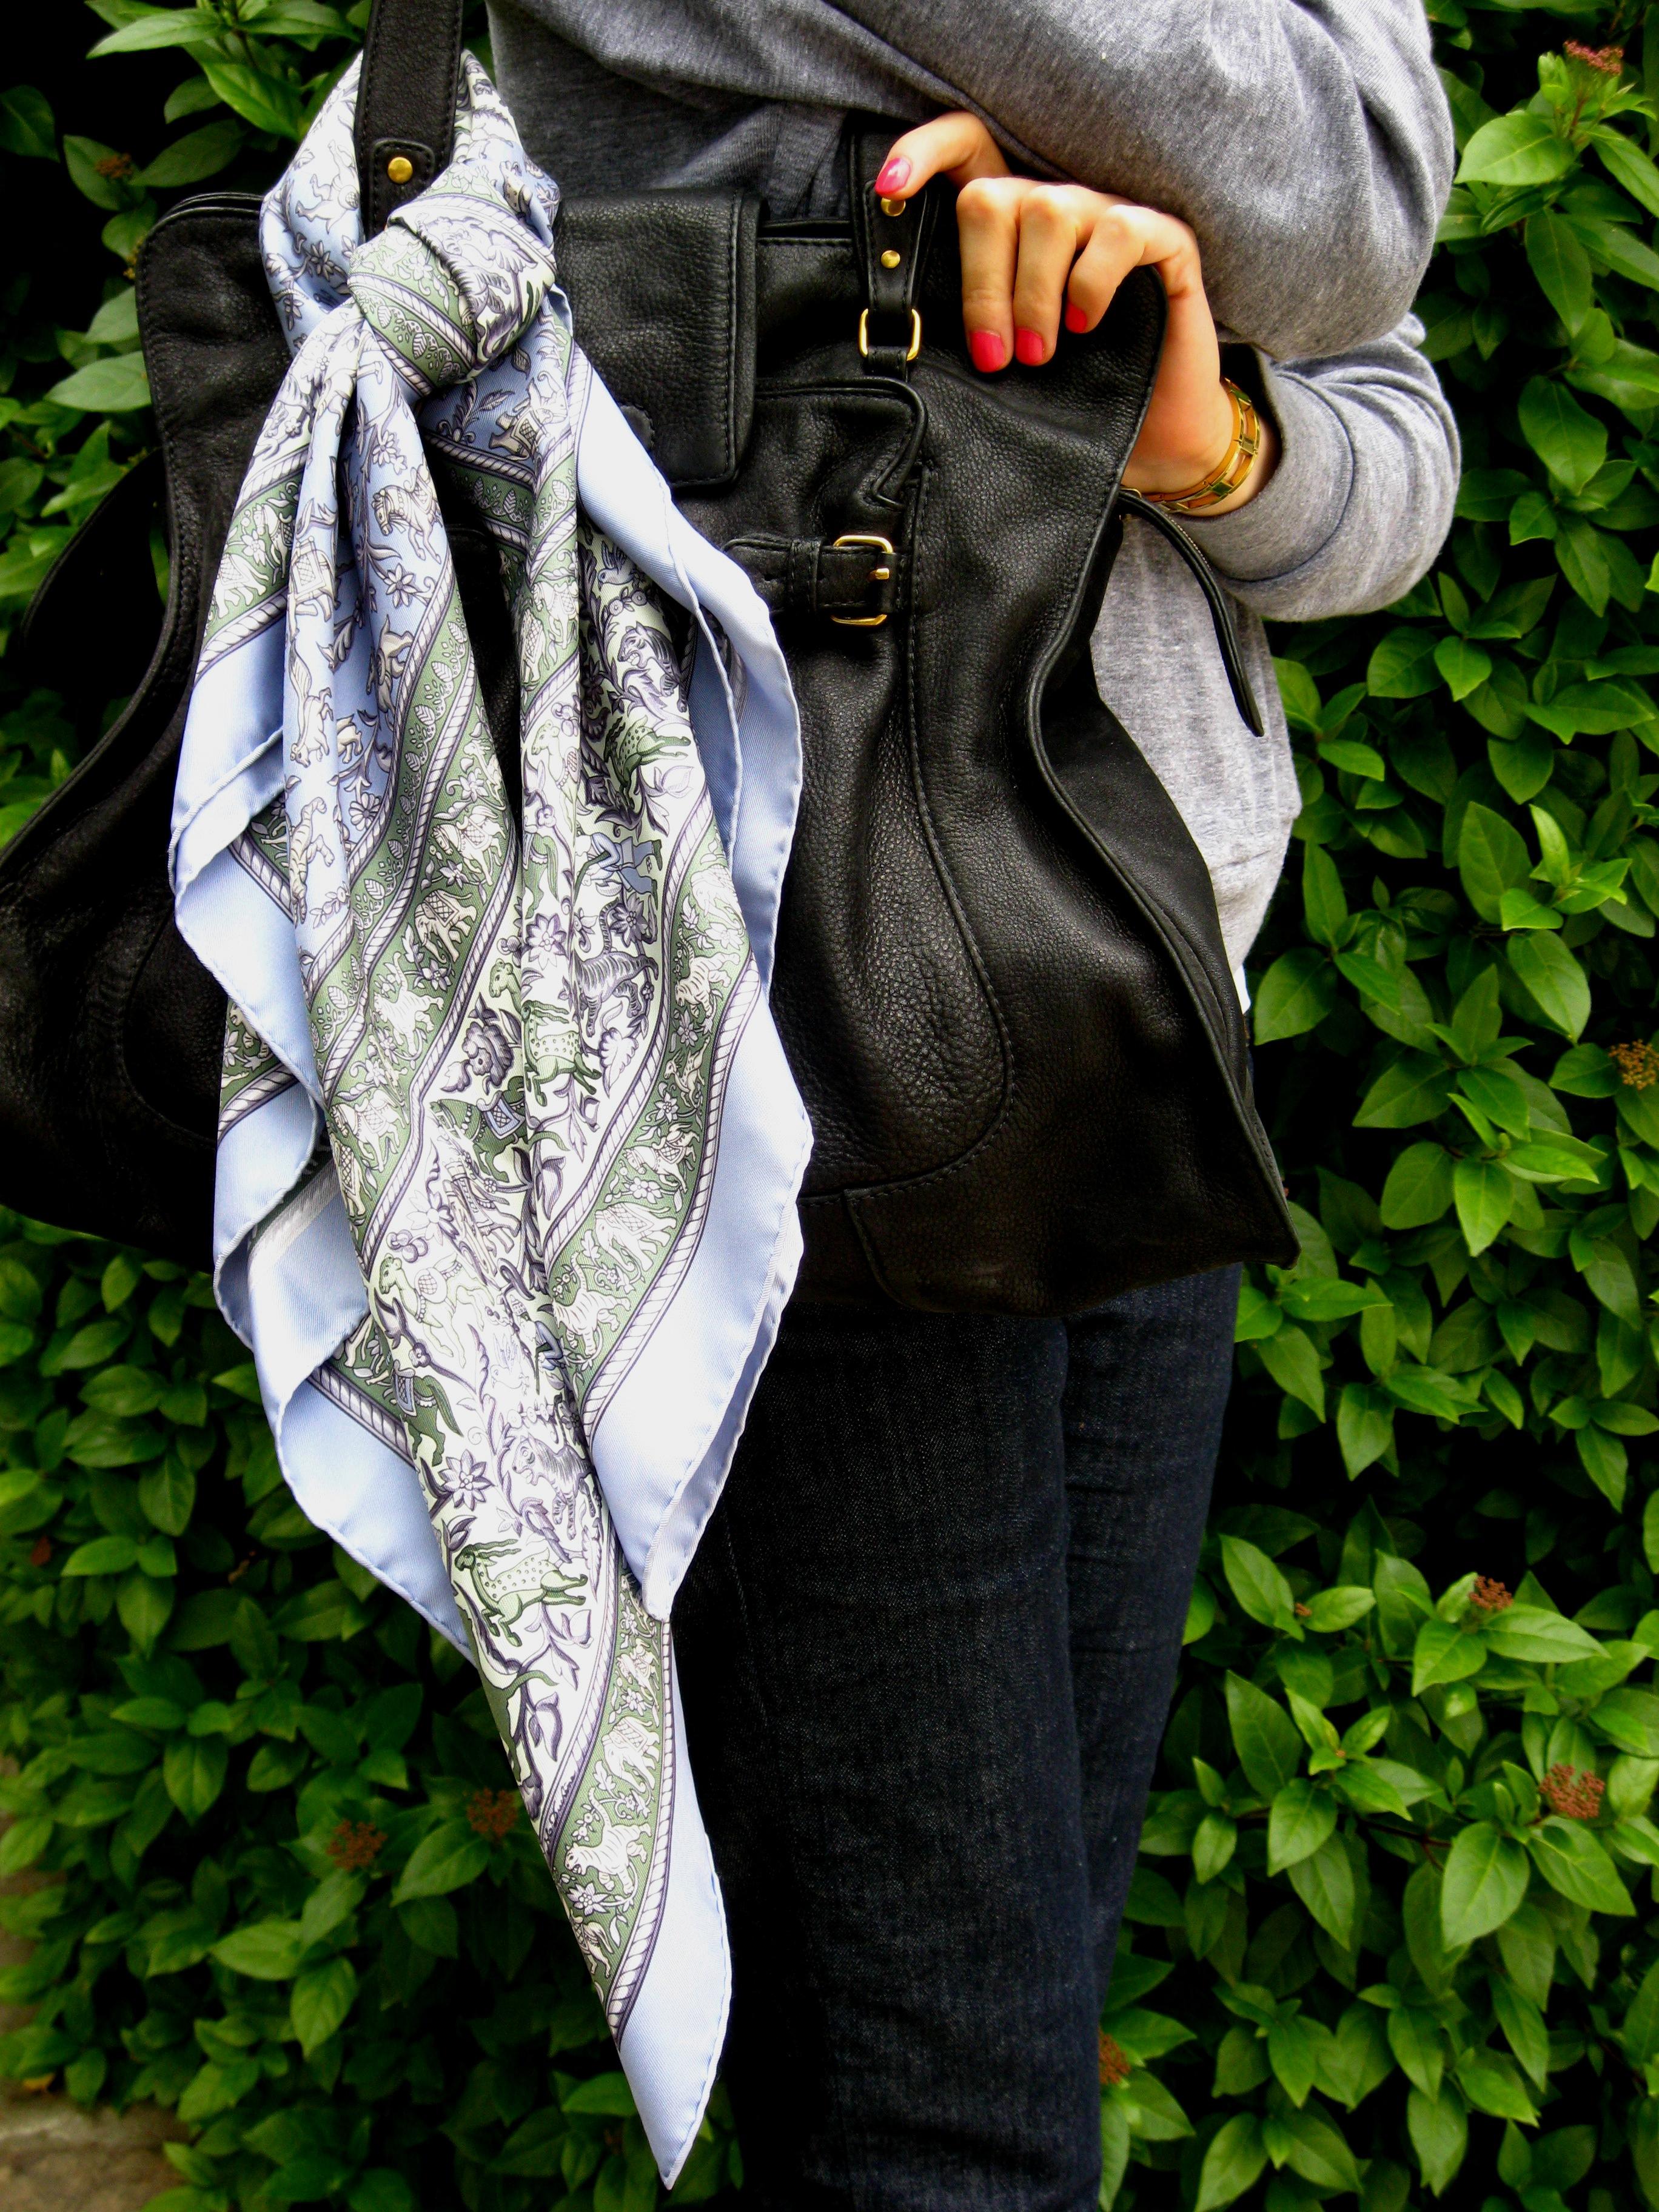 New Online Campaign Etwag Young Mon Hermès's Tempts Girls J'aime Carré pqVLSzGUM